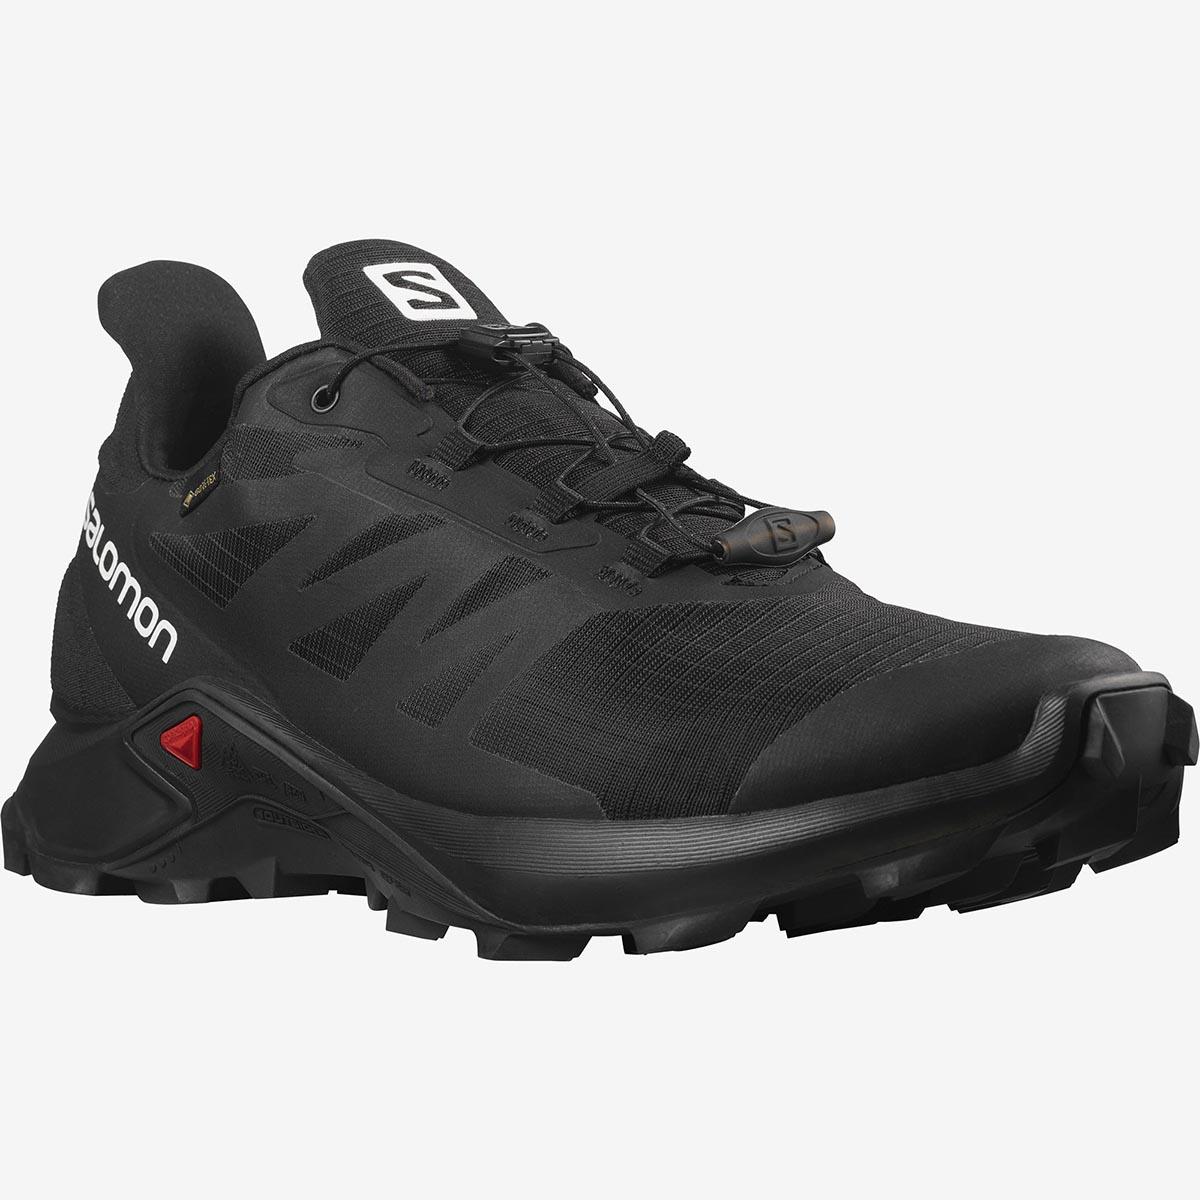 Salomon SUPERCROSS 3 GTX Erkek Ayakkabısı L41453500